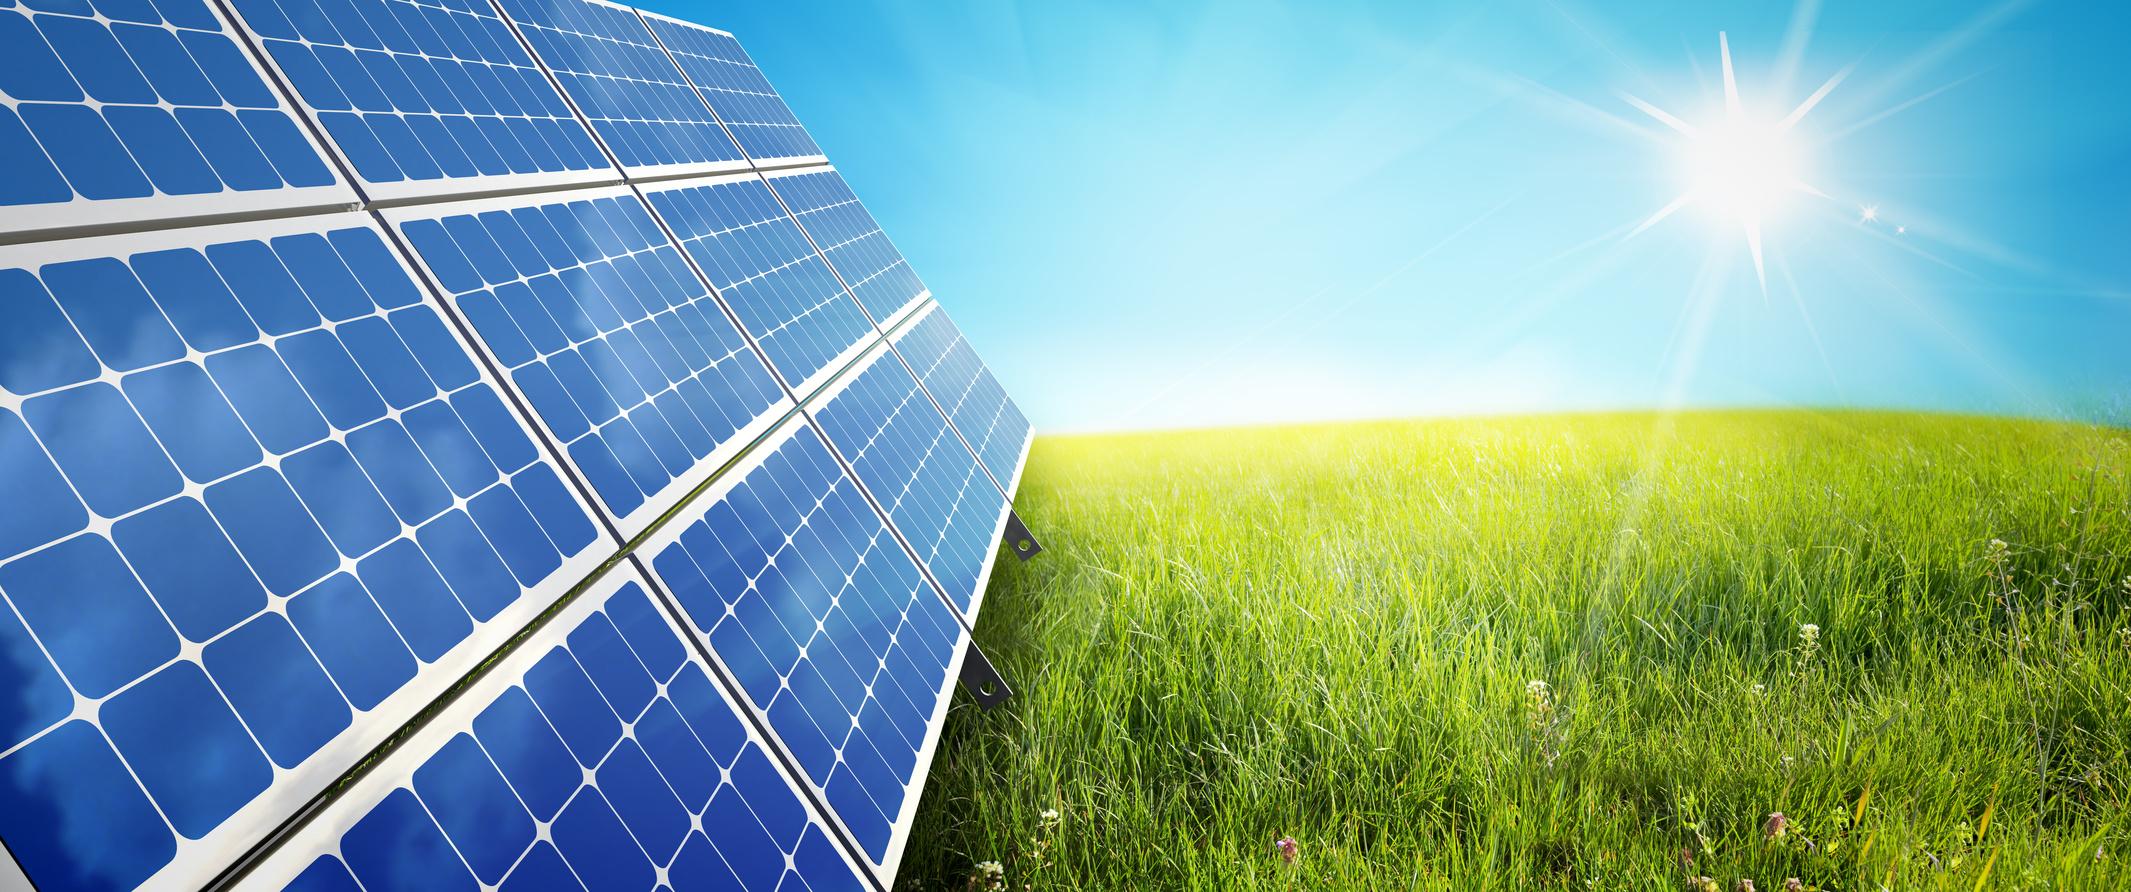 Desertec : accaparement des sources d'énergie renouvelable ?